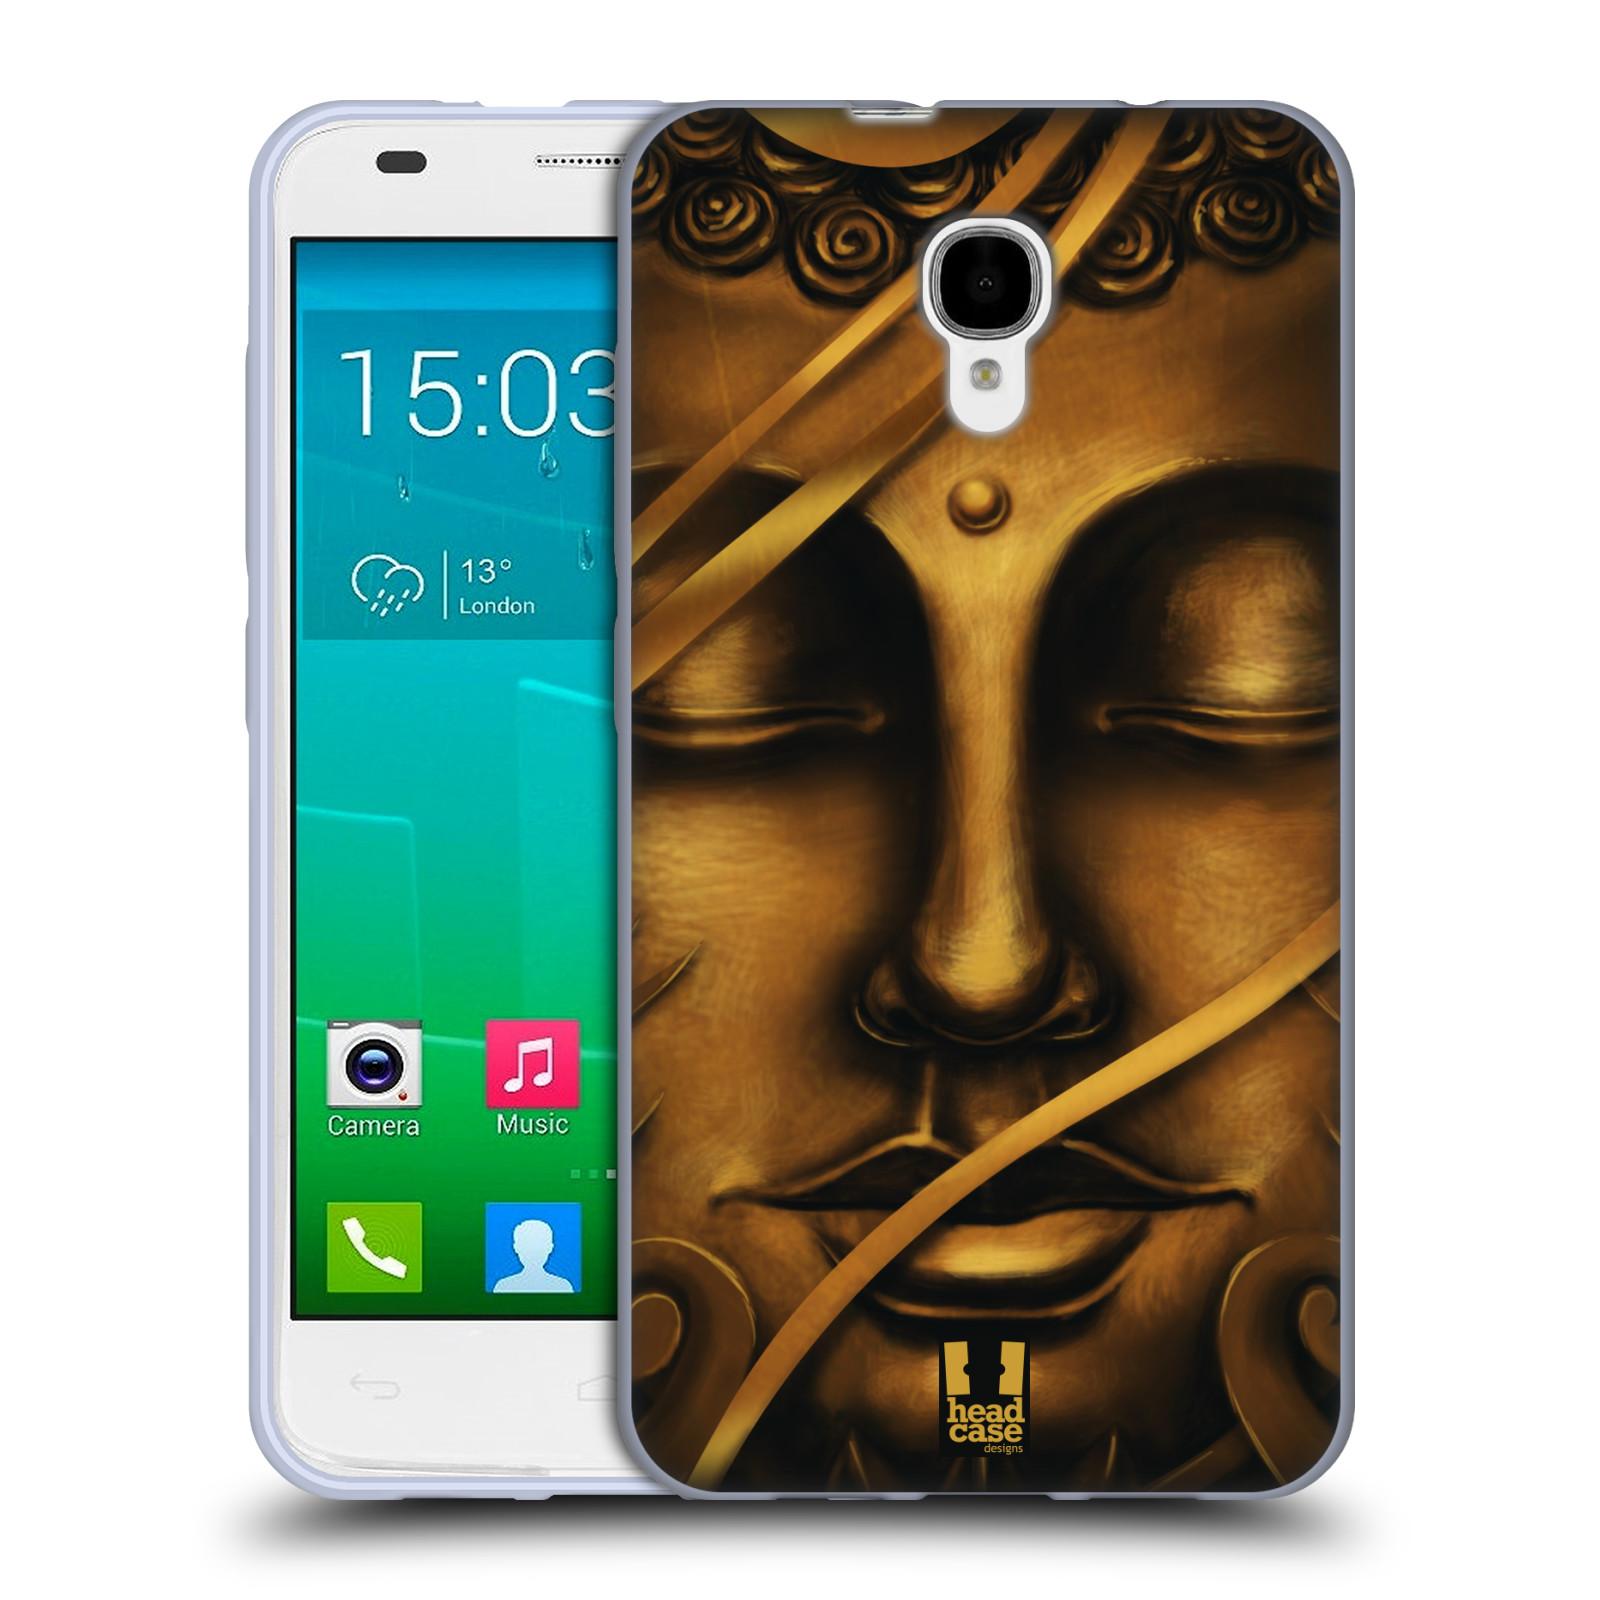 HEAD CASE silikonový obal na mobil Alcatel Idol 2 S OT-6050 vzor BUDDHA ZLATÝ BUDHA